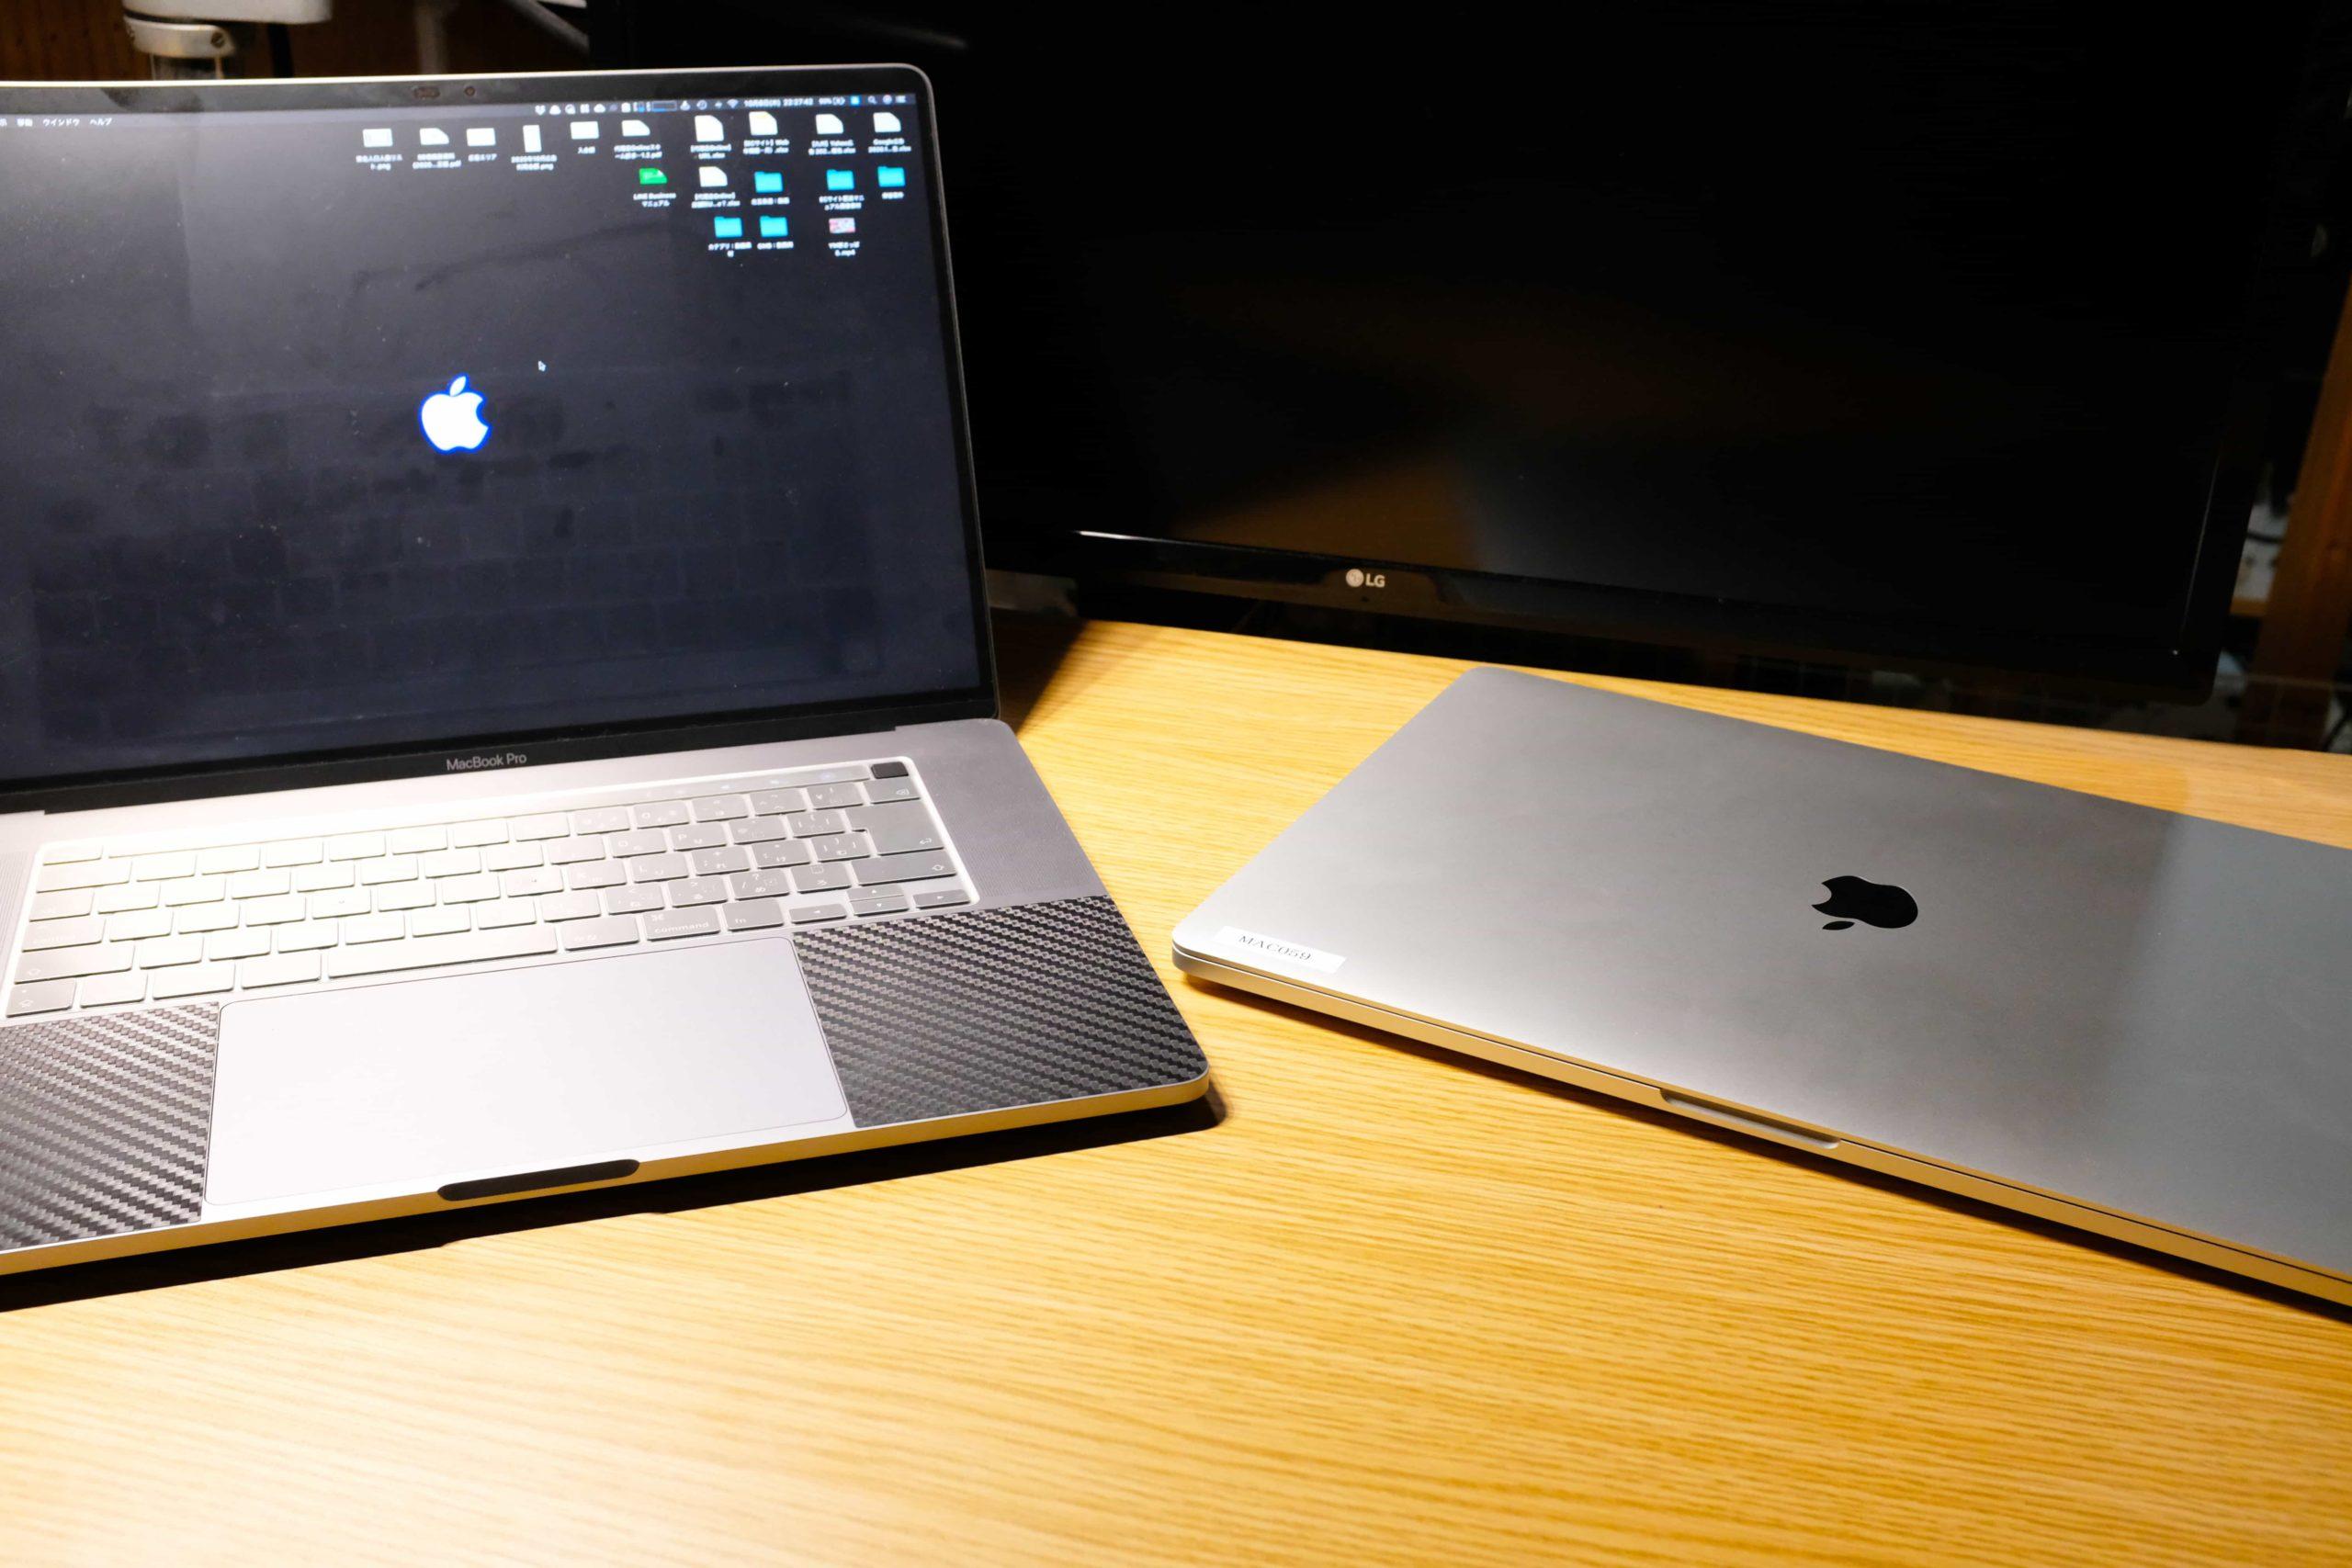 16インチ MacBook Pro 2台持ちユーザーになりました